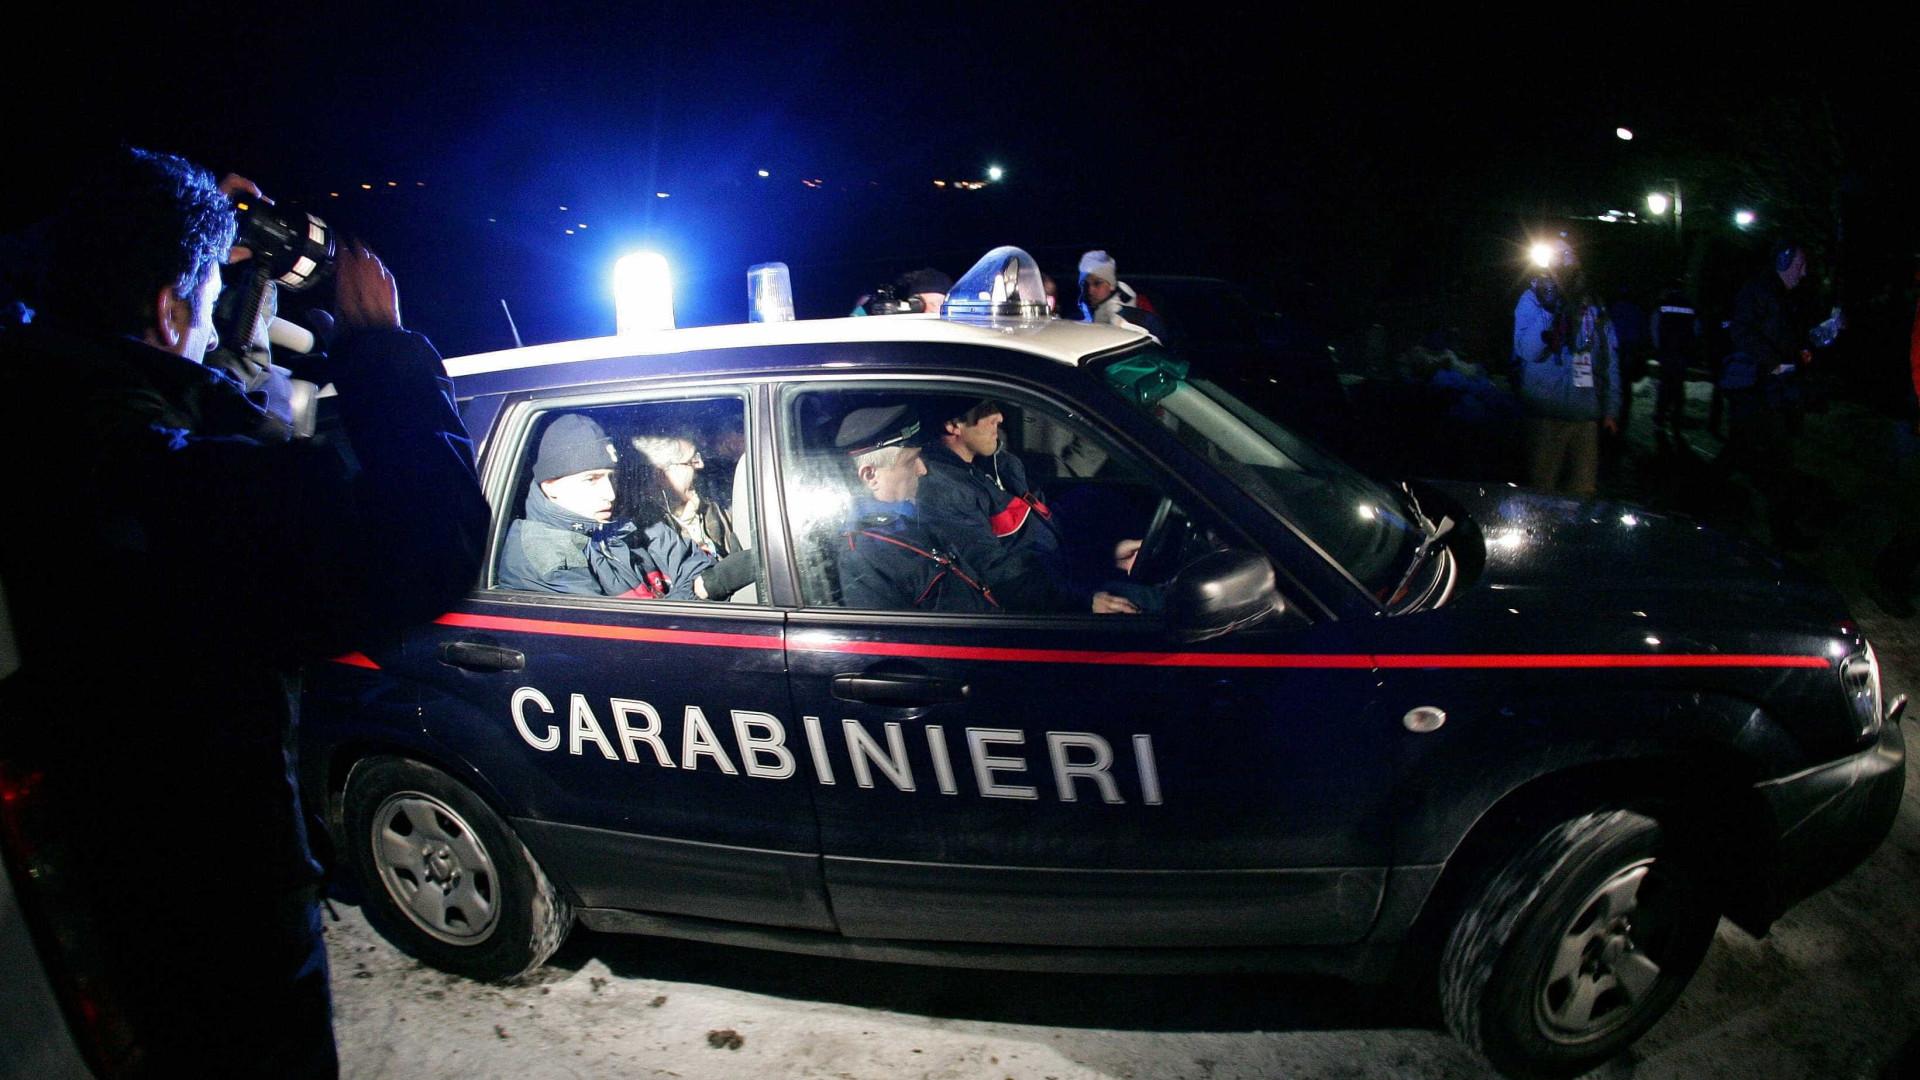 Técnico é preso após exigir sexo de jogadores italianos